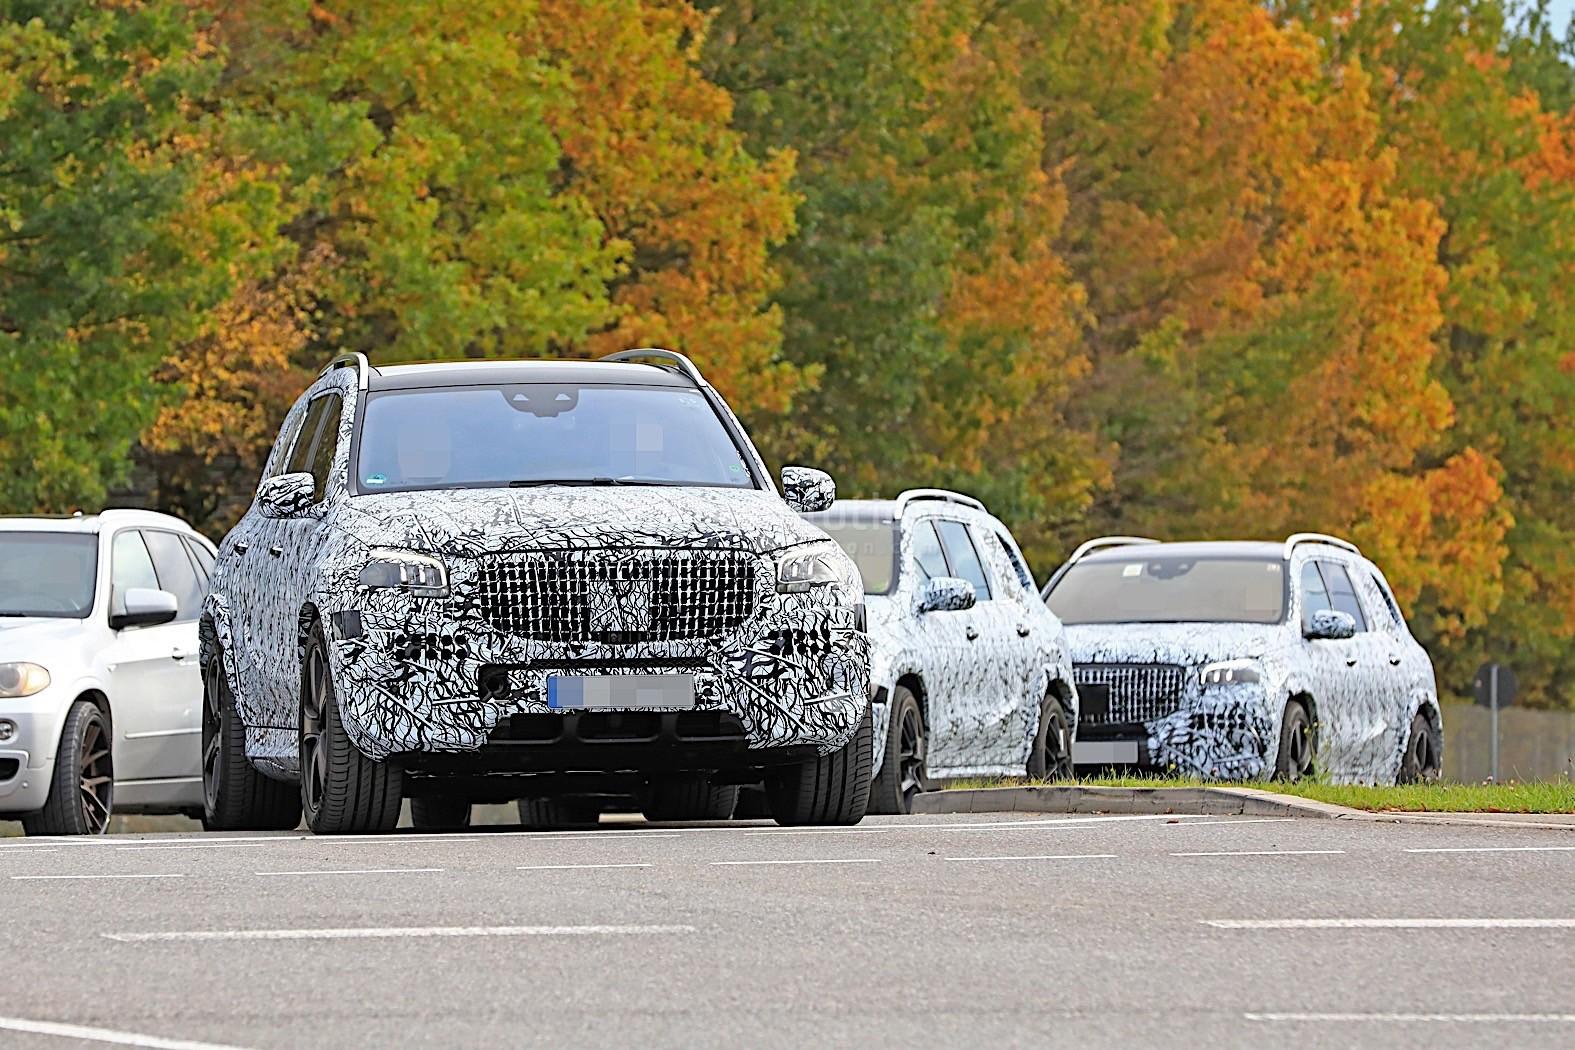 2020 Mercedes Maybach Gls Meets Mercedes Benz Gls In Rare Spyshots